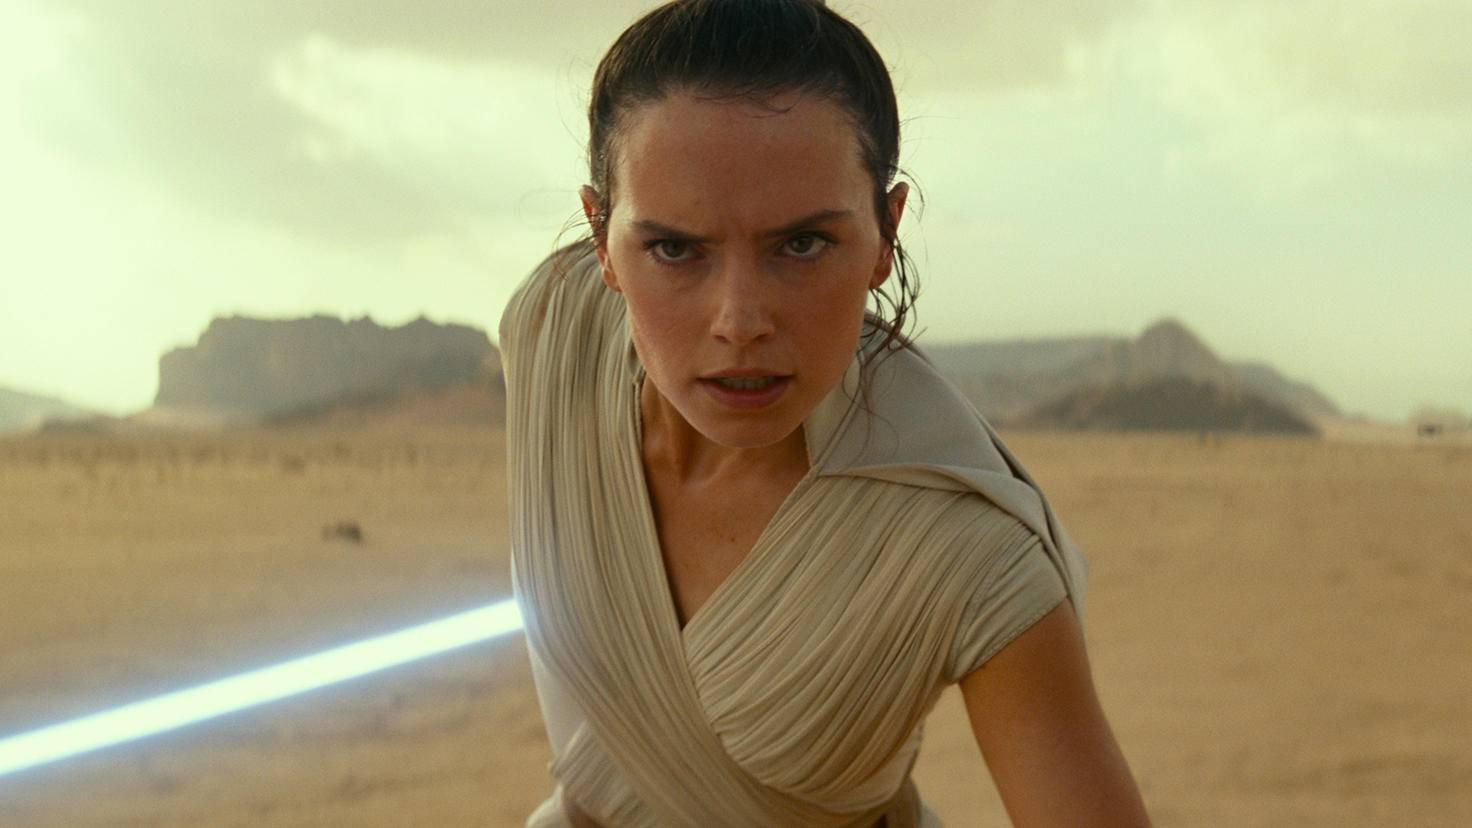 In der Wüste darf die junge Jedi-Kriegerin ihre Skills unter Beweis stellen.